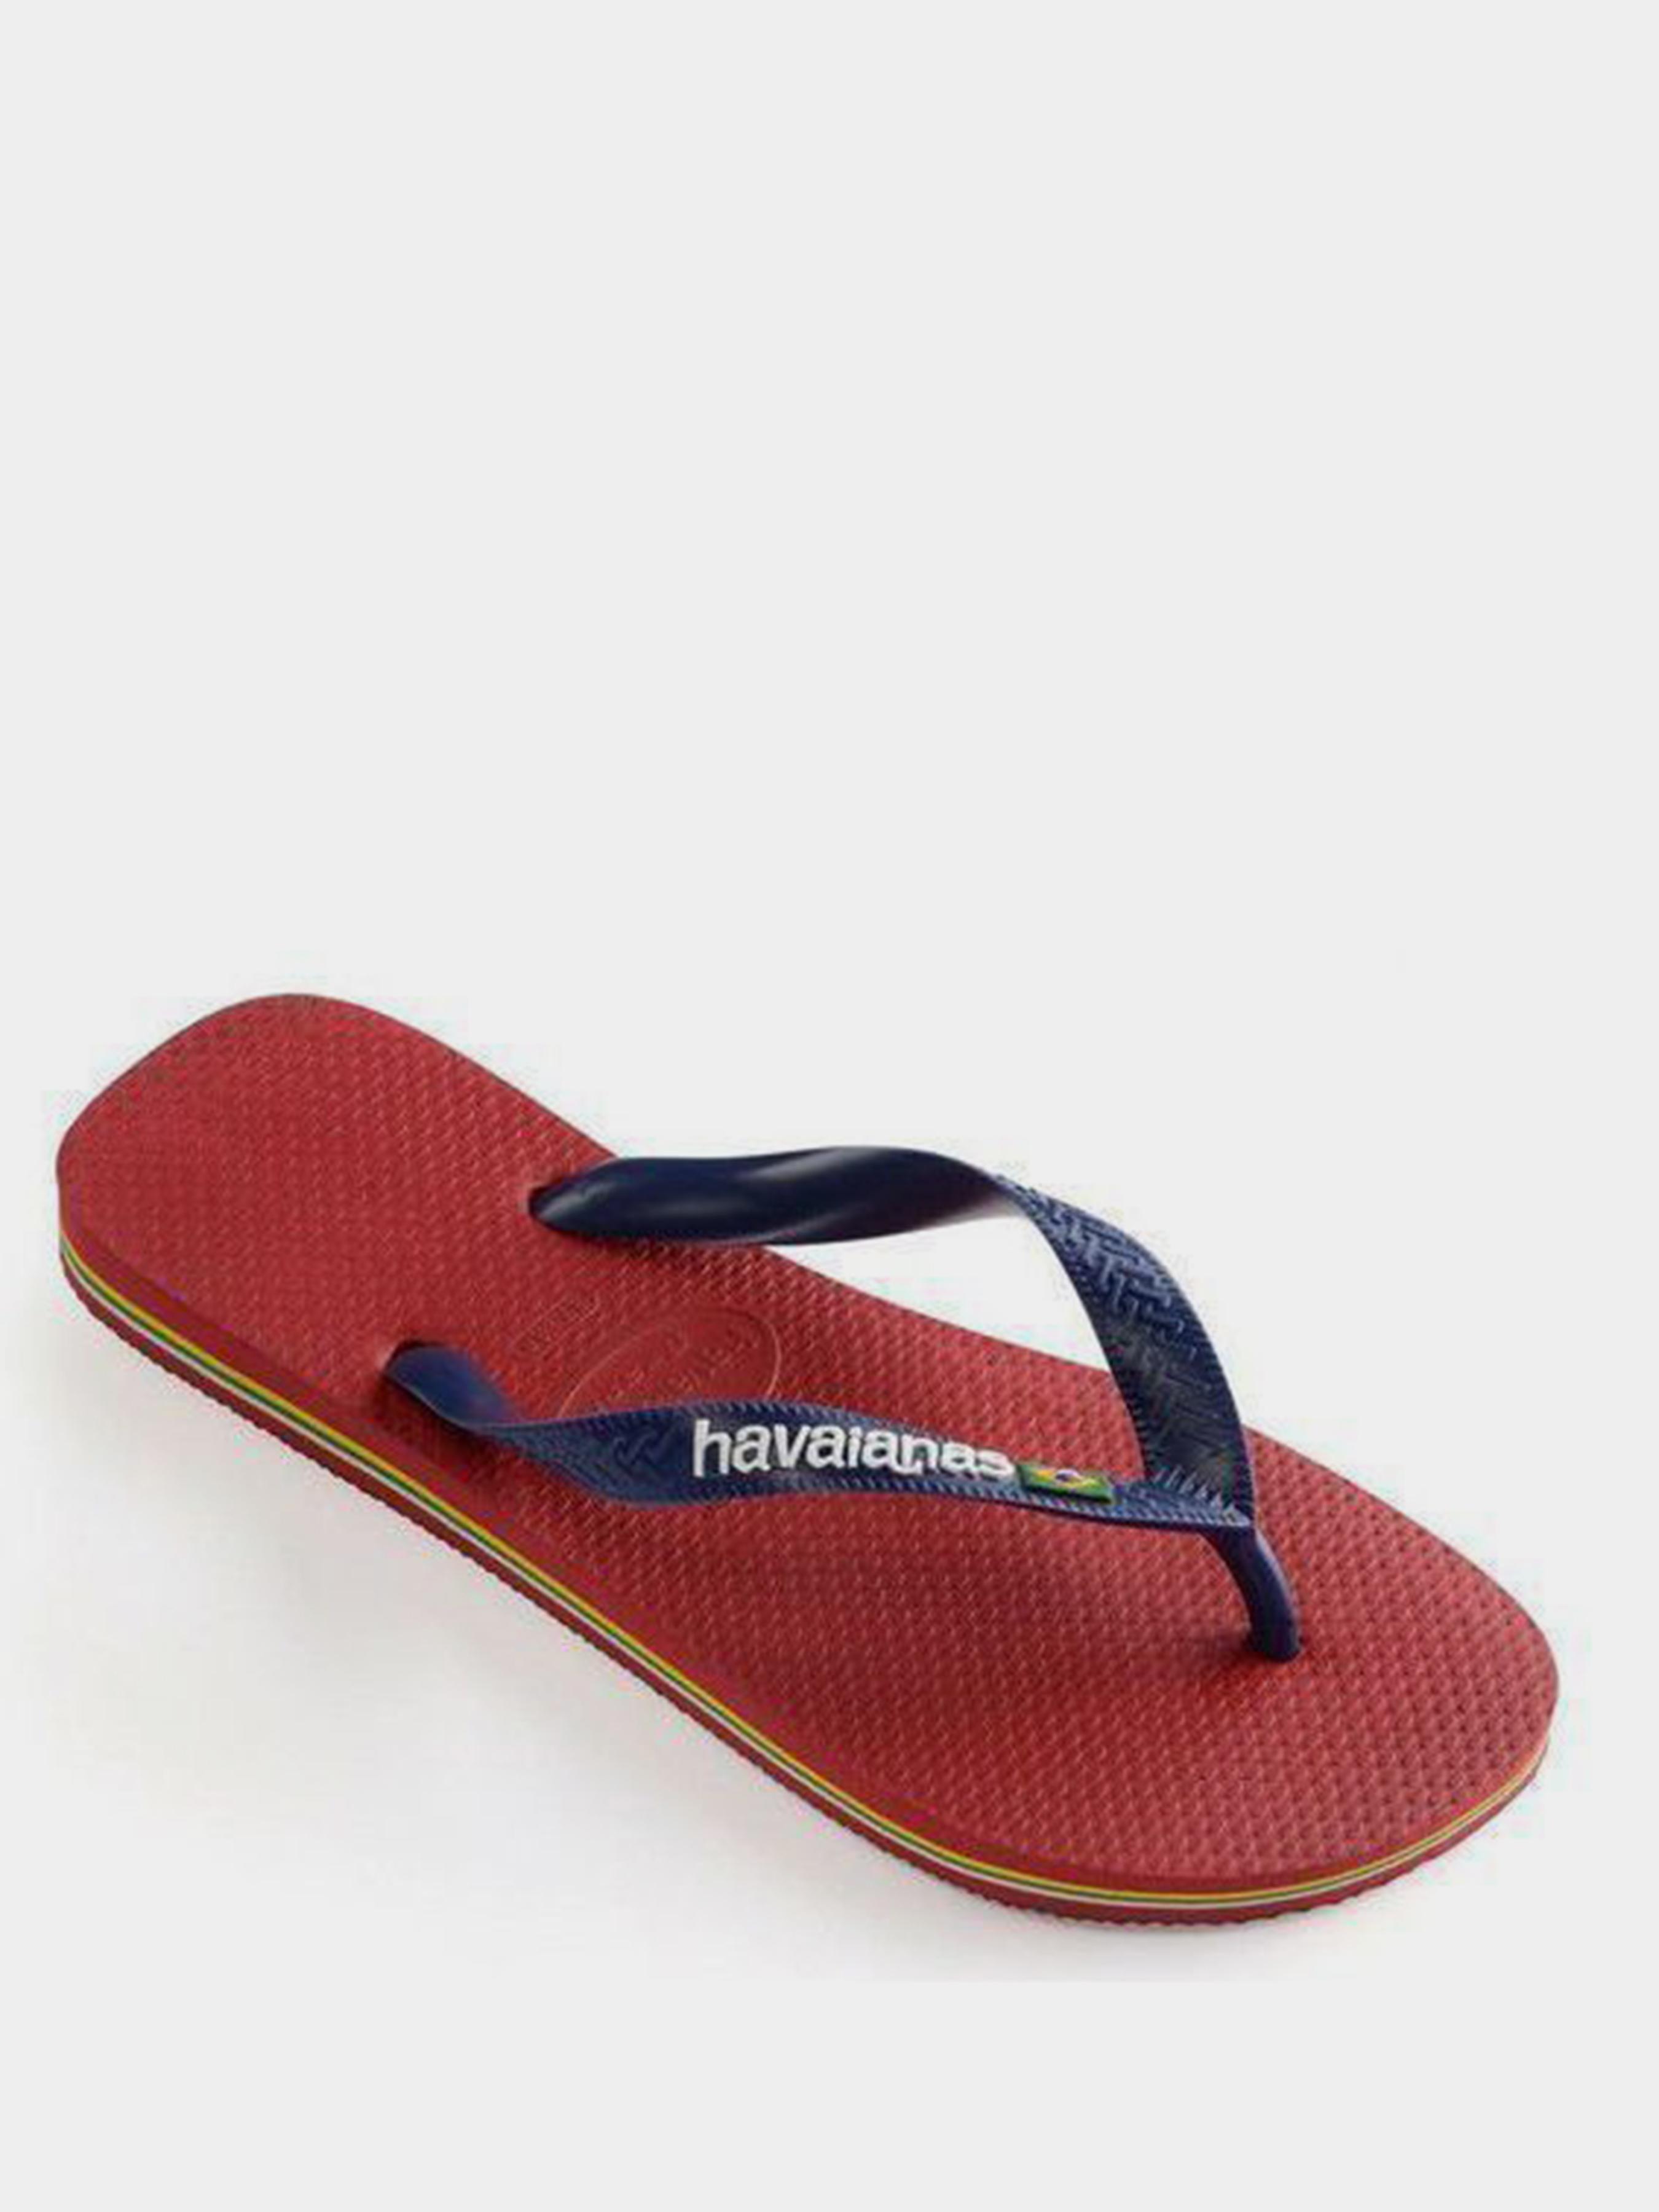 Вьетнамки для детей Havaianas HE129 модная обувь, 2017